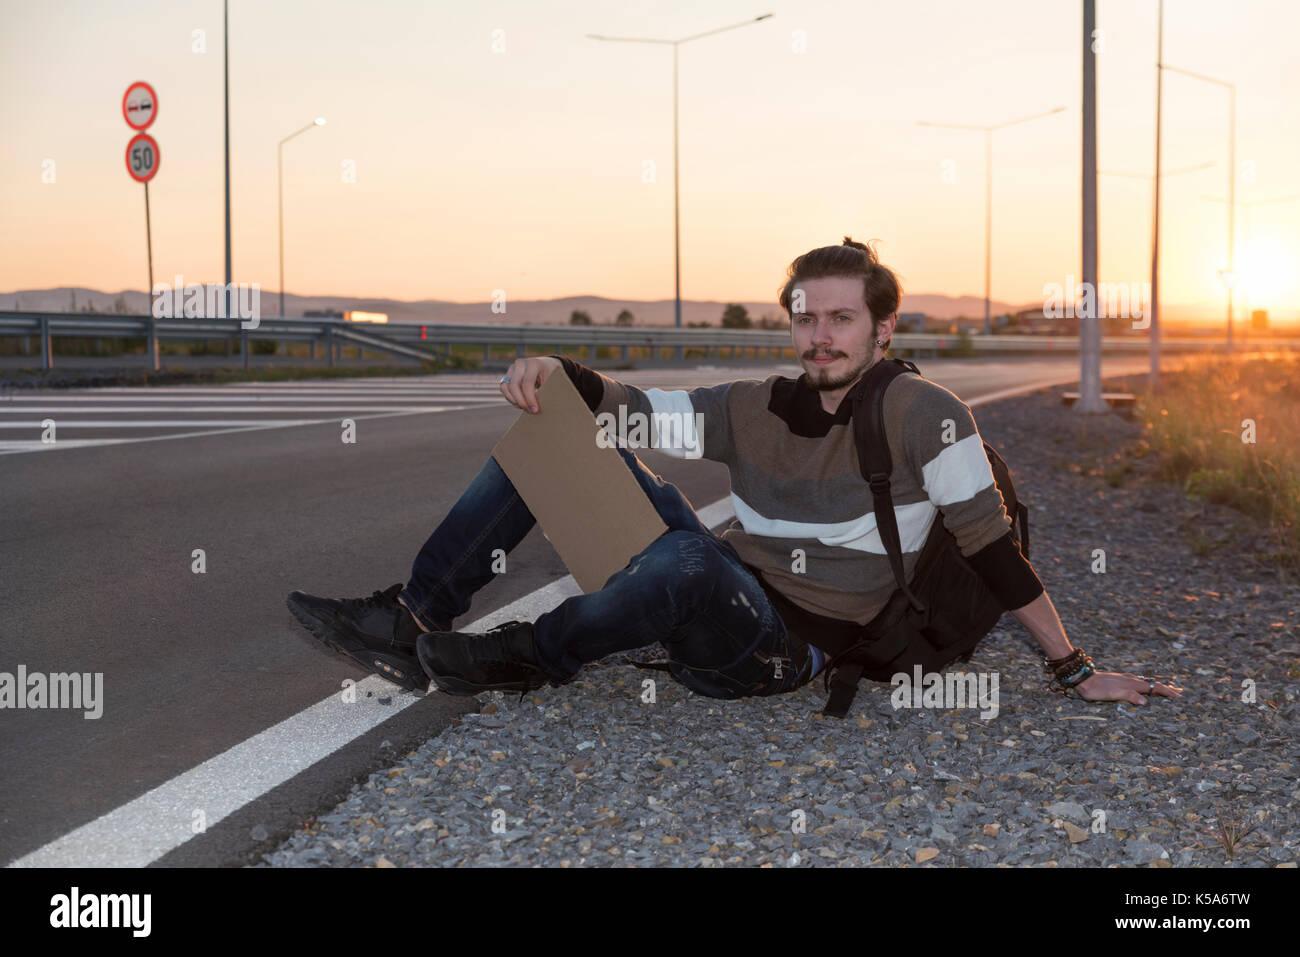 Hombre de 21 años de edad, sentada en el suelo y hitchhikikng Foto de stock